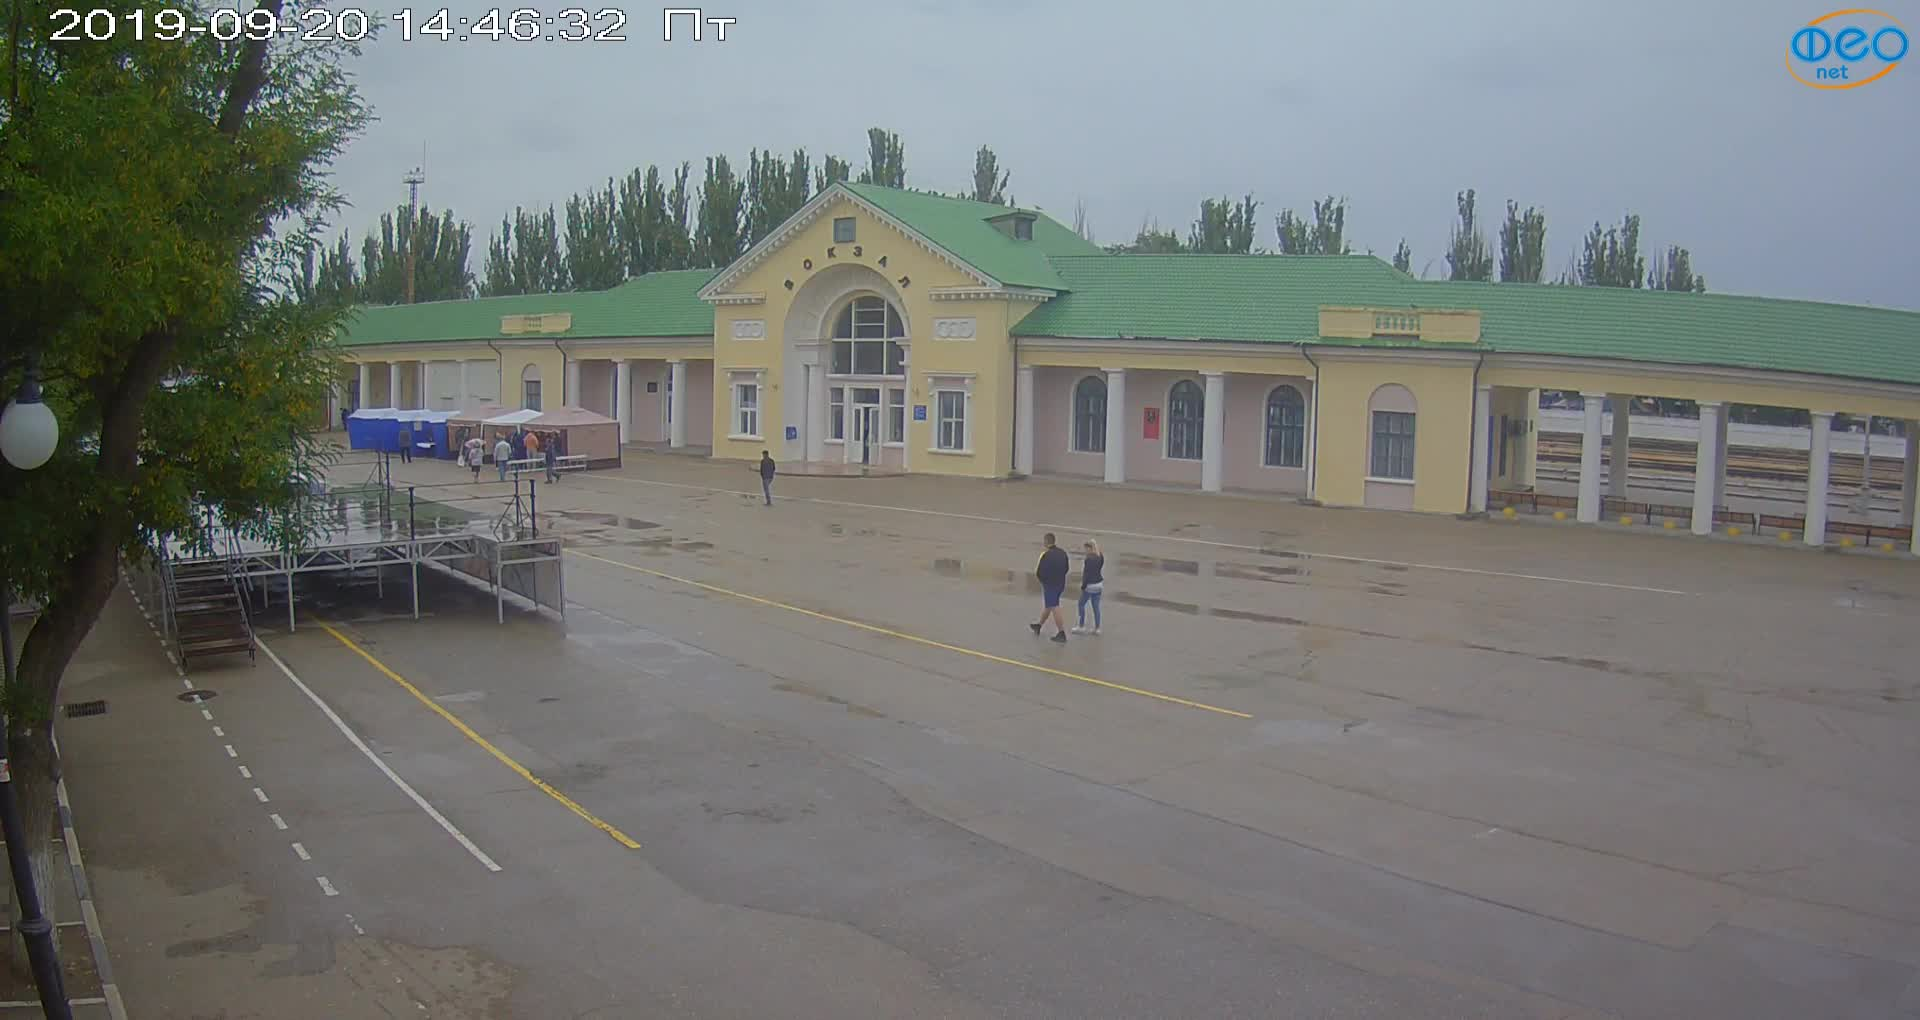 Веб-камеры Феодосии, Привокзальная площадь, 2019-09-20 15:03:07